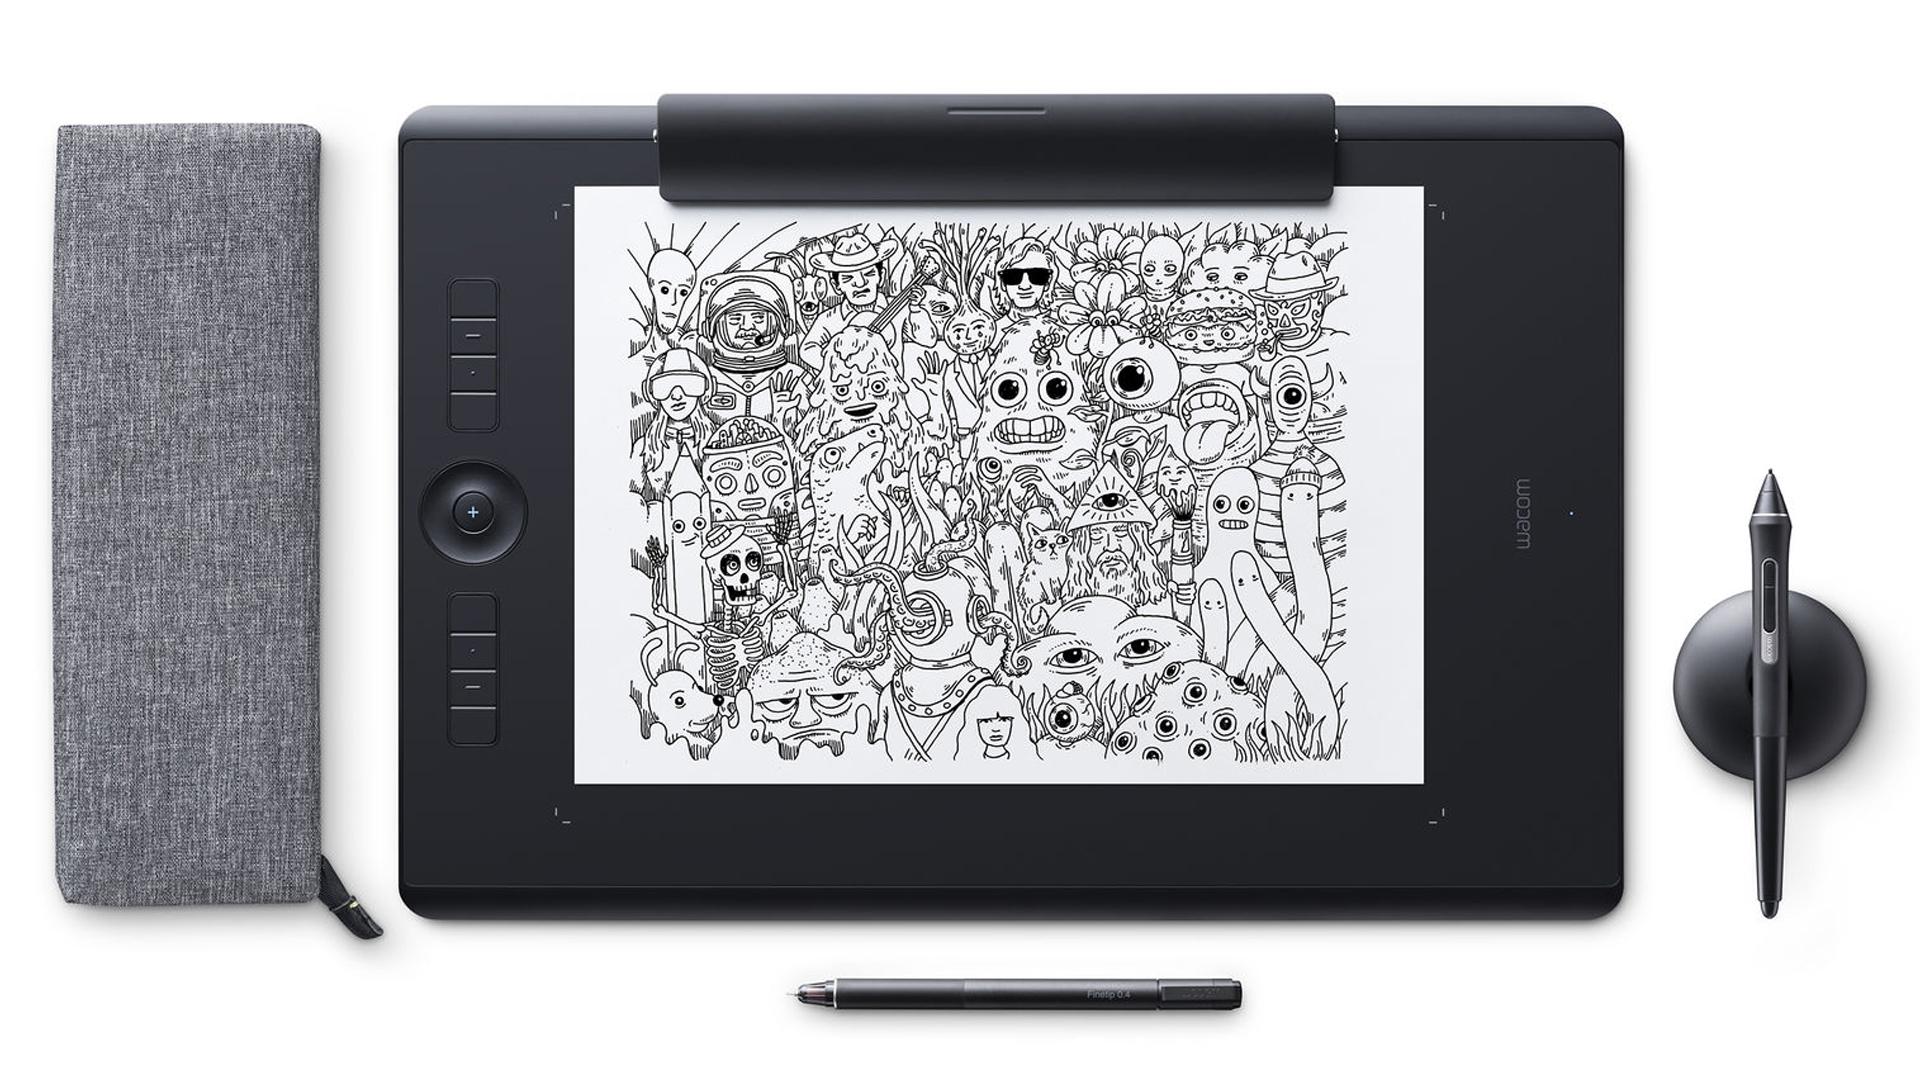 Wacom Intuos Pro Paper Pen Tablet Gadget Reviews | Popzara Press